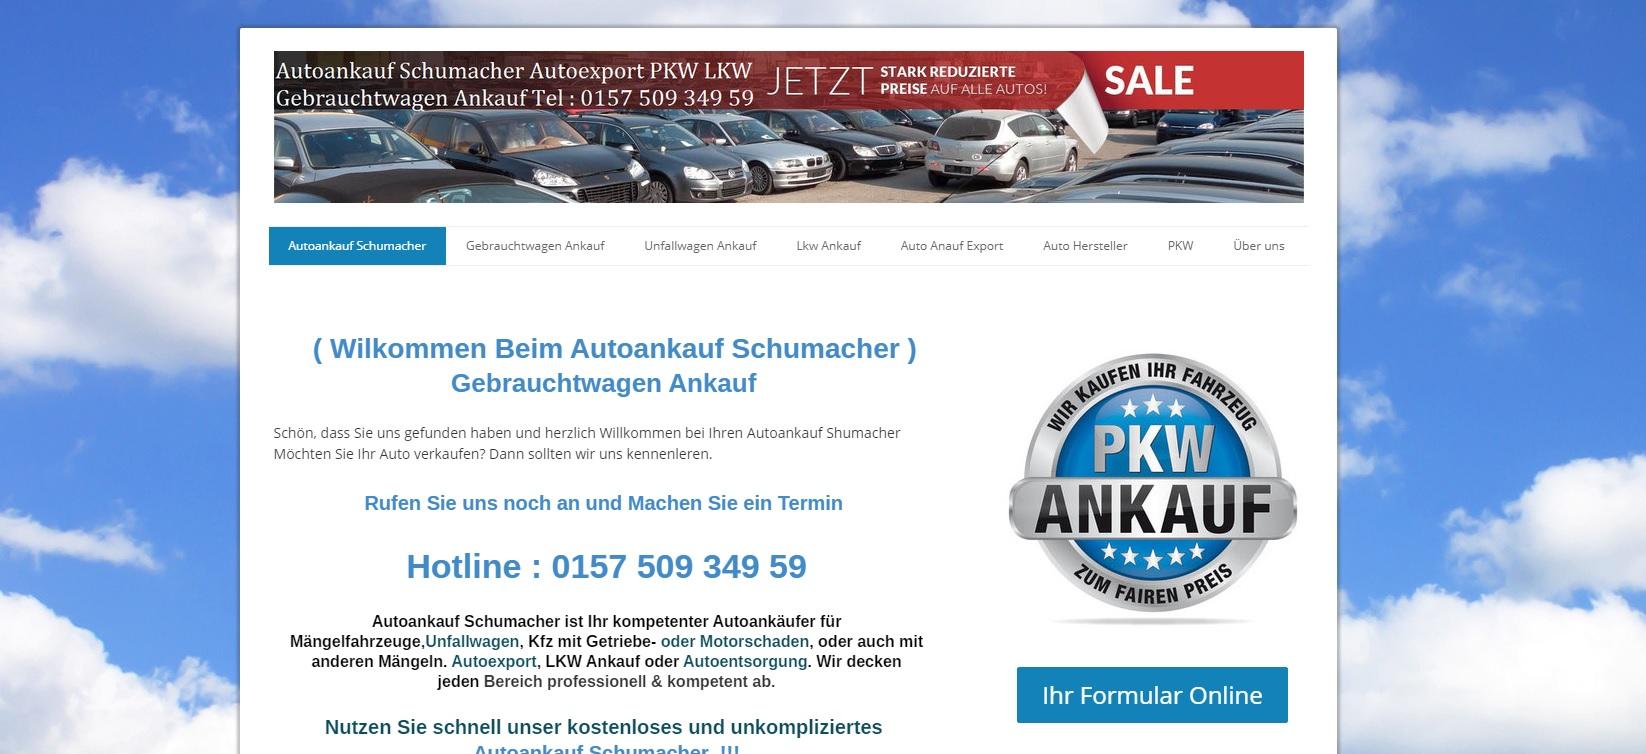 autoankauf schumacher de ihr gebrauchtwagenhaendler in jena und umgebung - Autoankauf-Schumacher.de ihr Gebrauchtwagenhändler in Jena und Umgebung